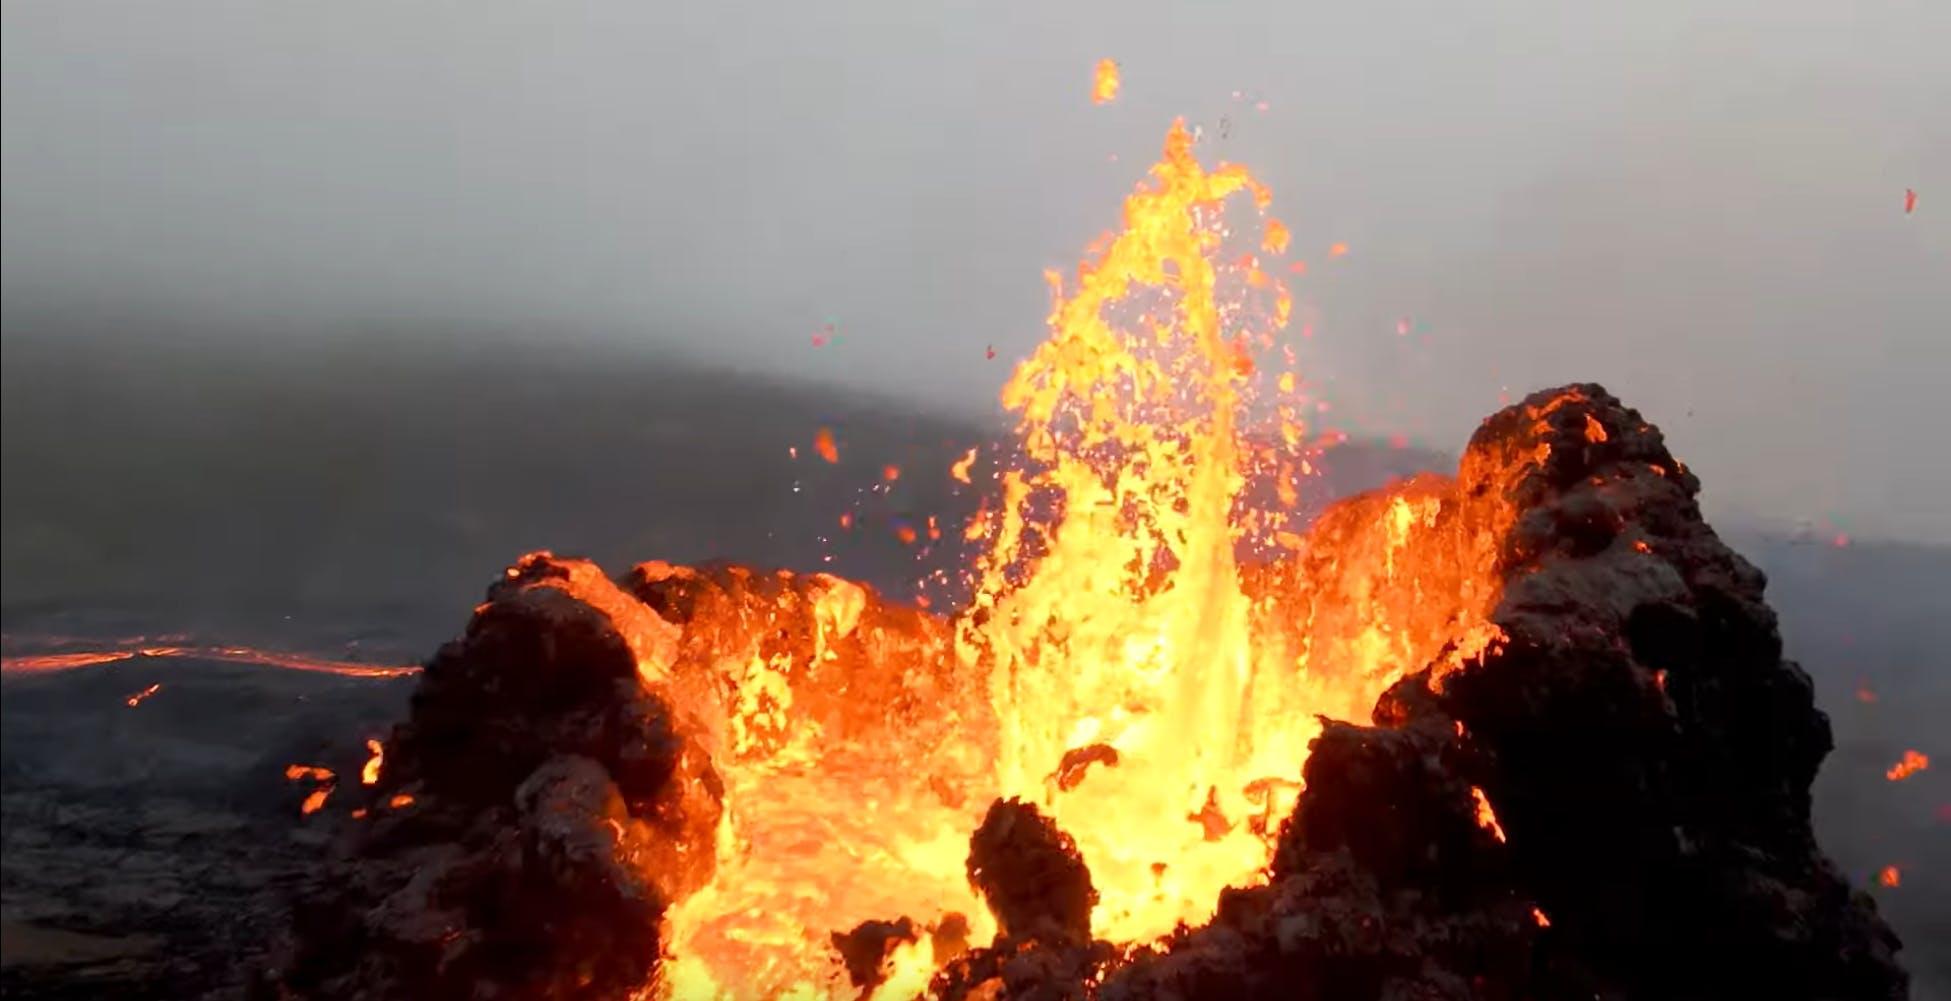 Il drone DJI FPV sorvola un vulcano islandese in eruzione. Le immagini sono incredibili